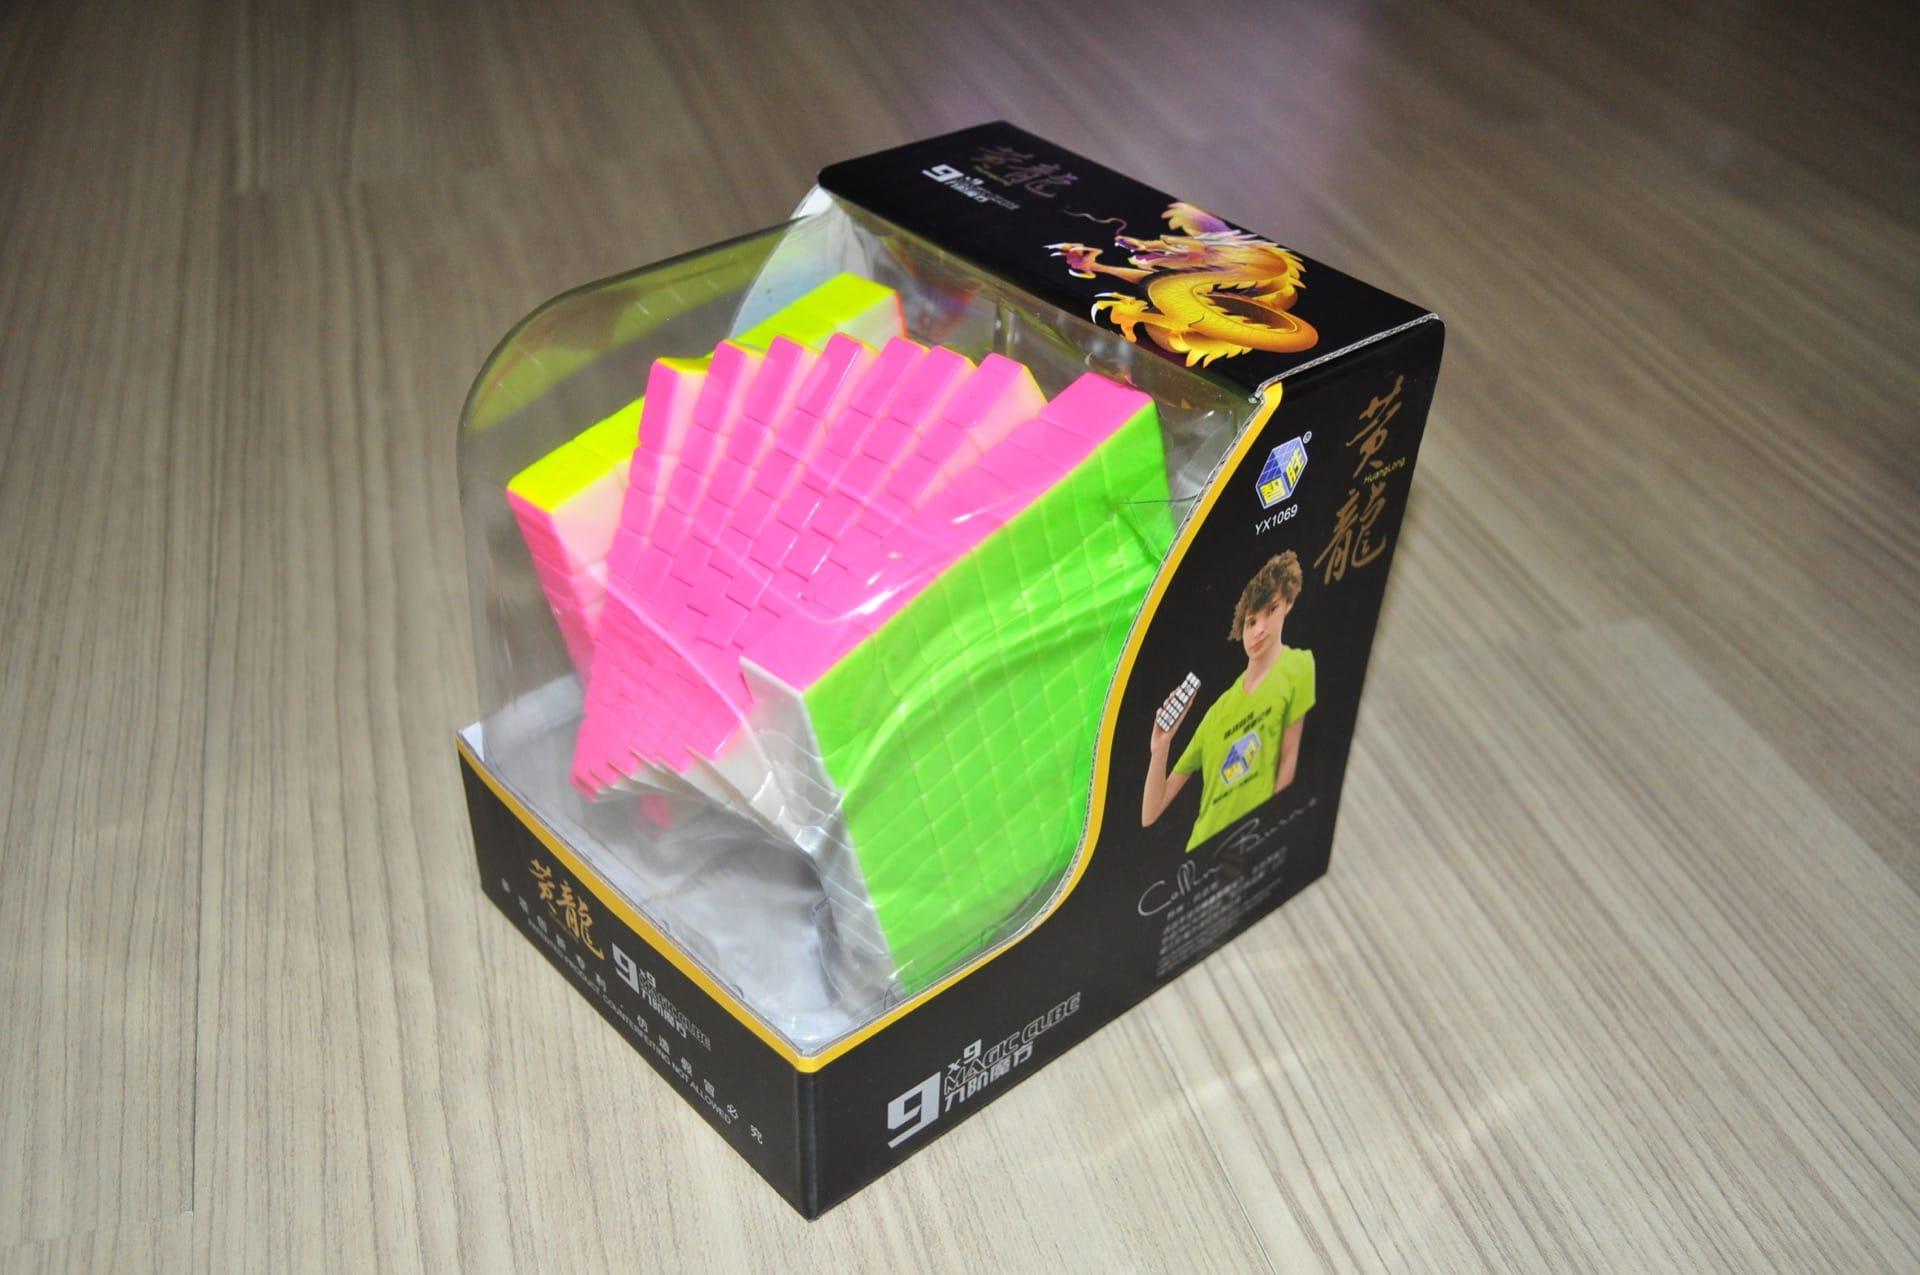 Yuxin HuangLong 9x9x9 Stickerless